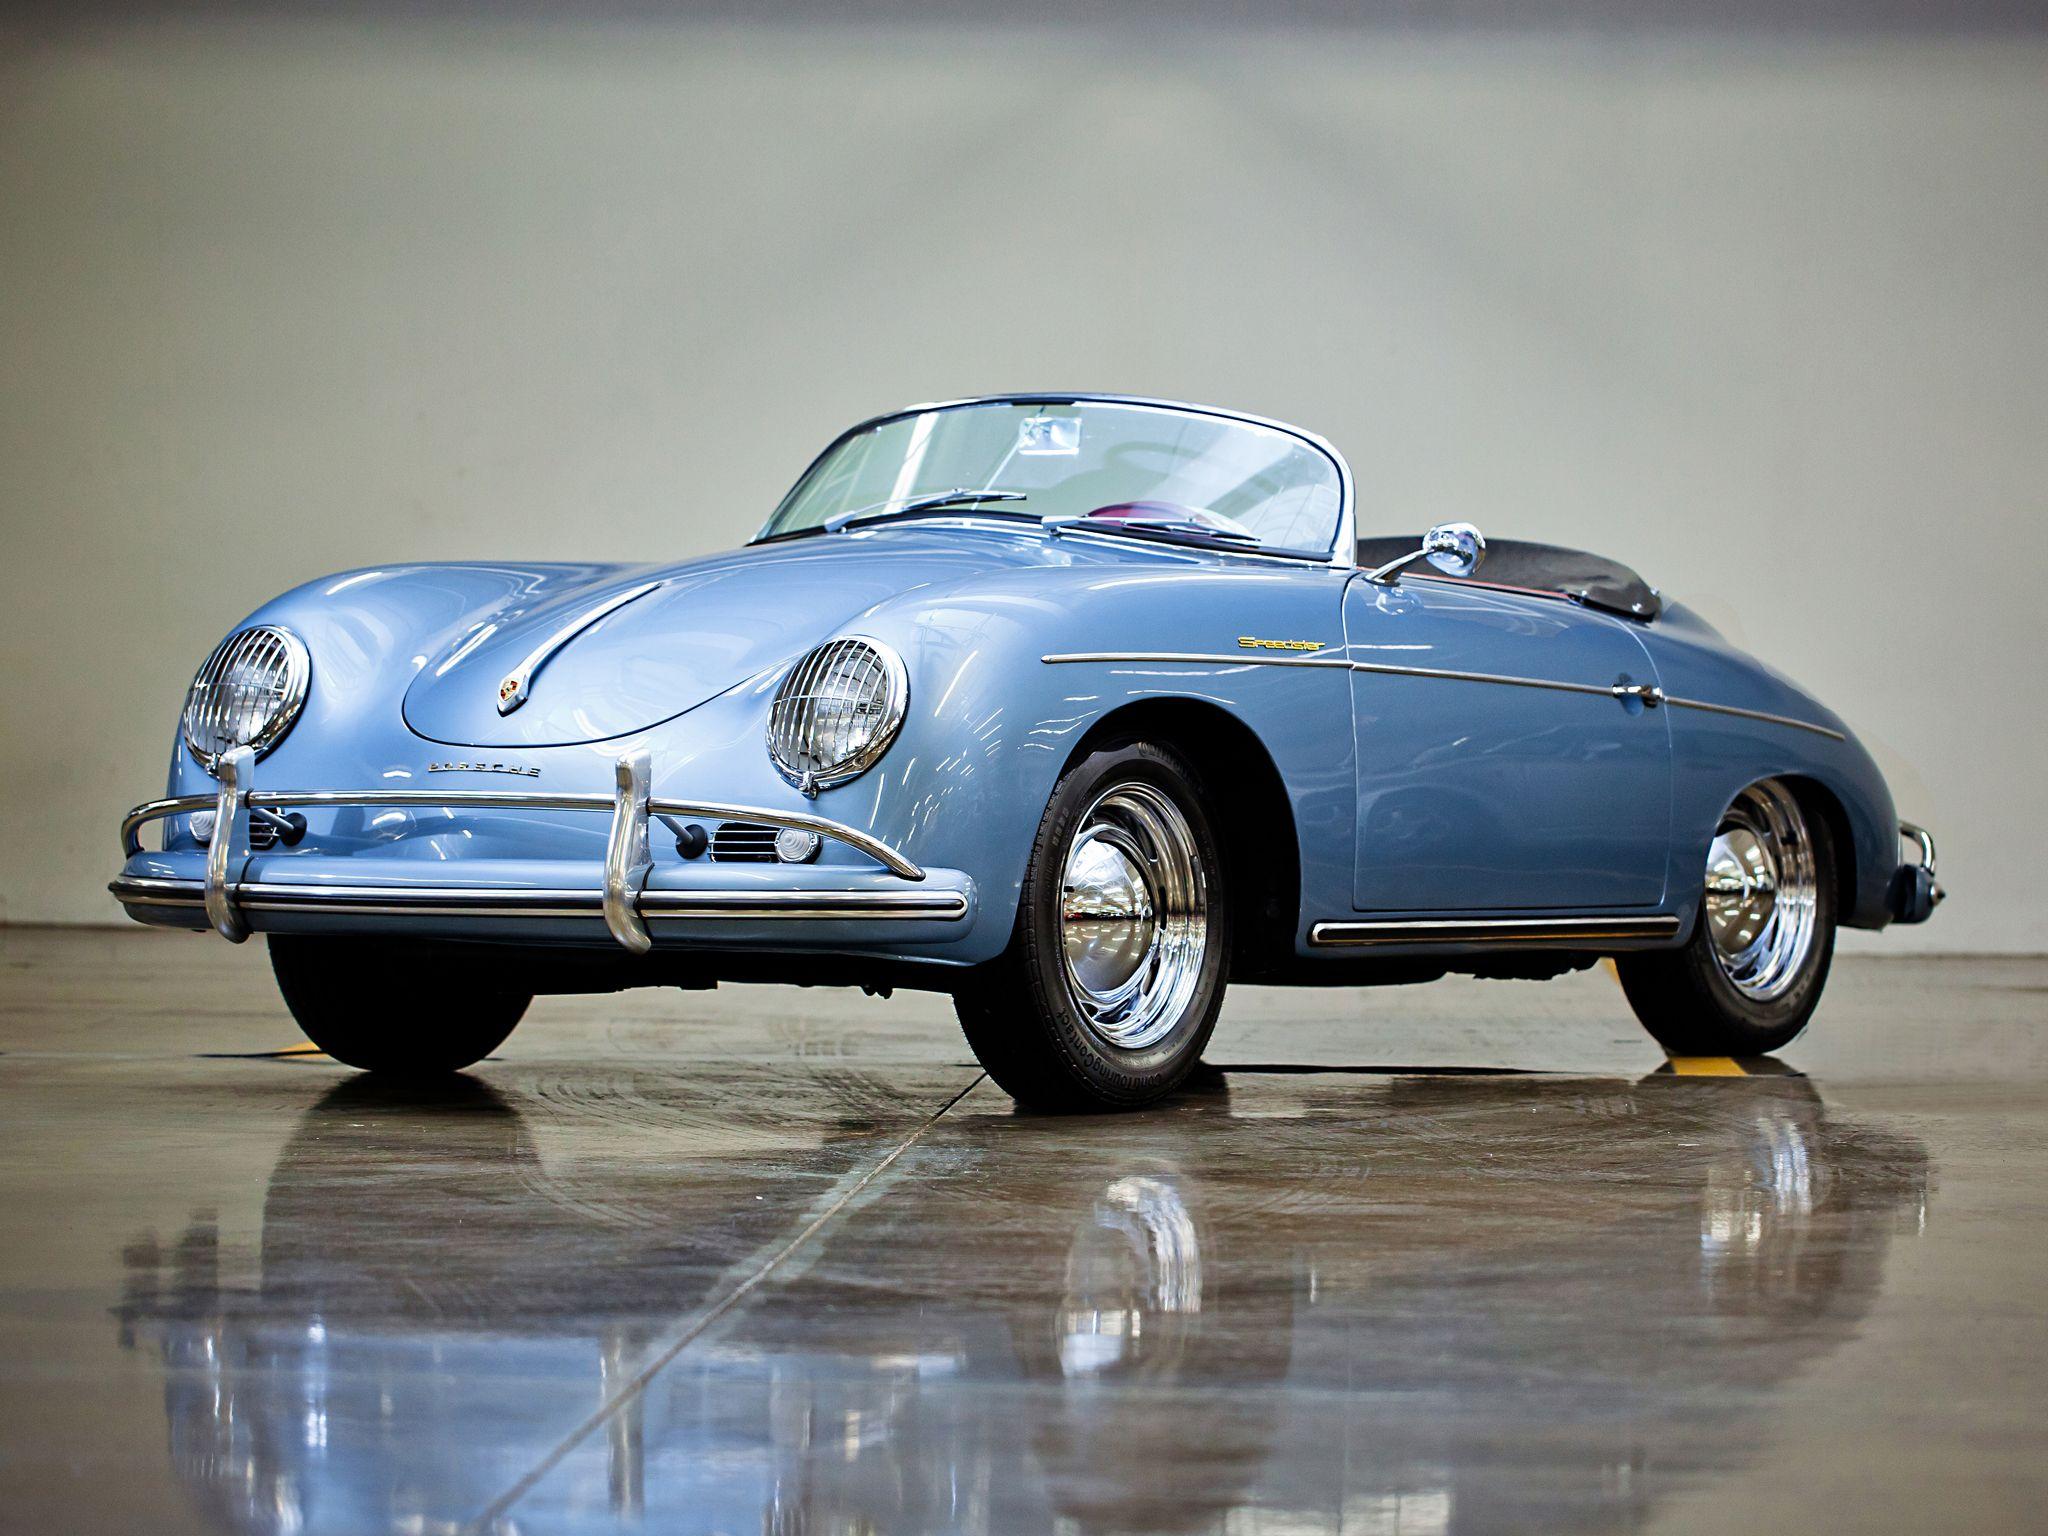 1956 Porsche 356 The Stuff Dreams Are Made Of Porsche 356 Porsche Porsche Cars